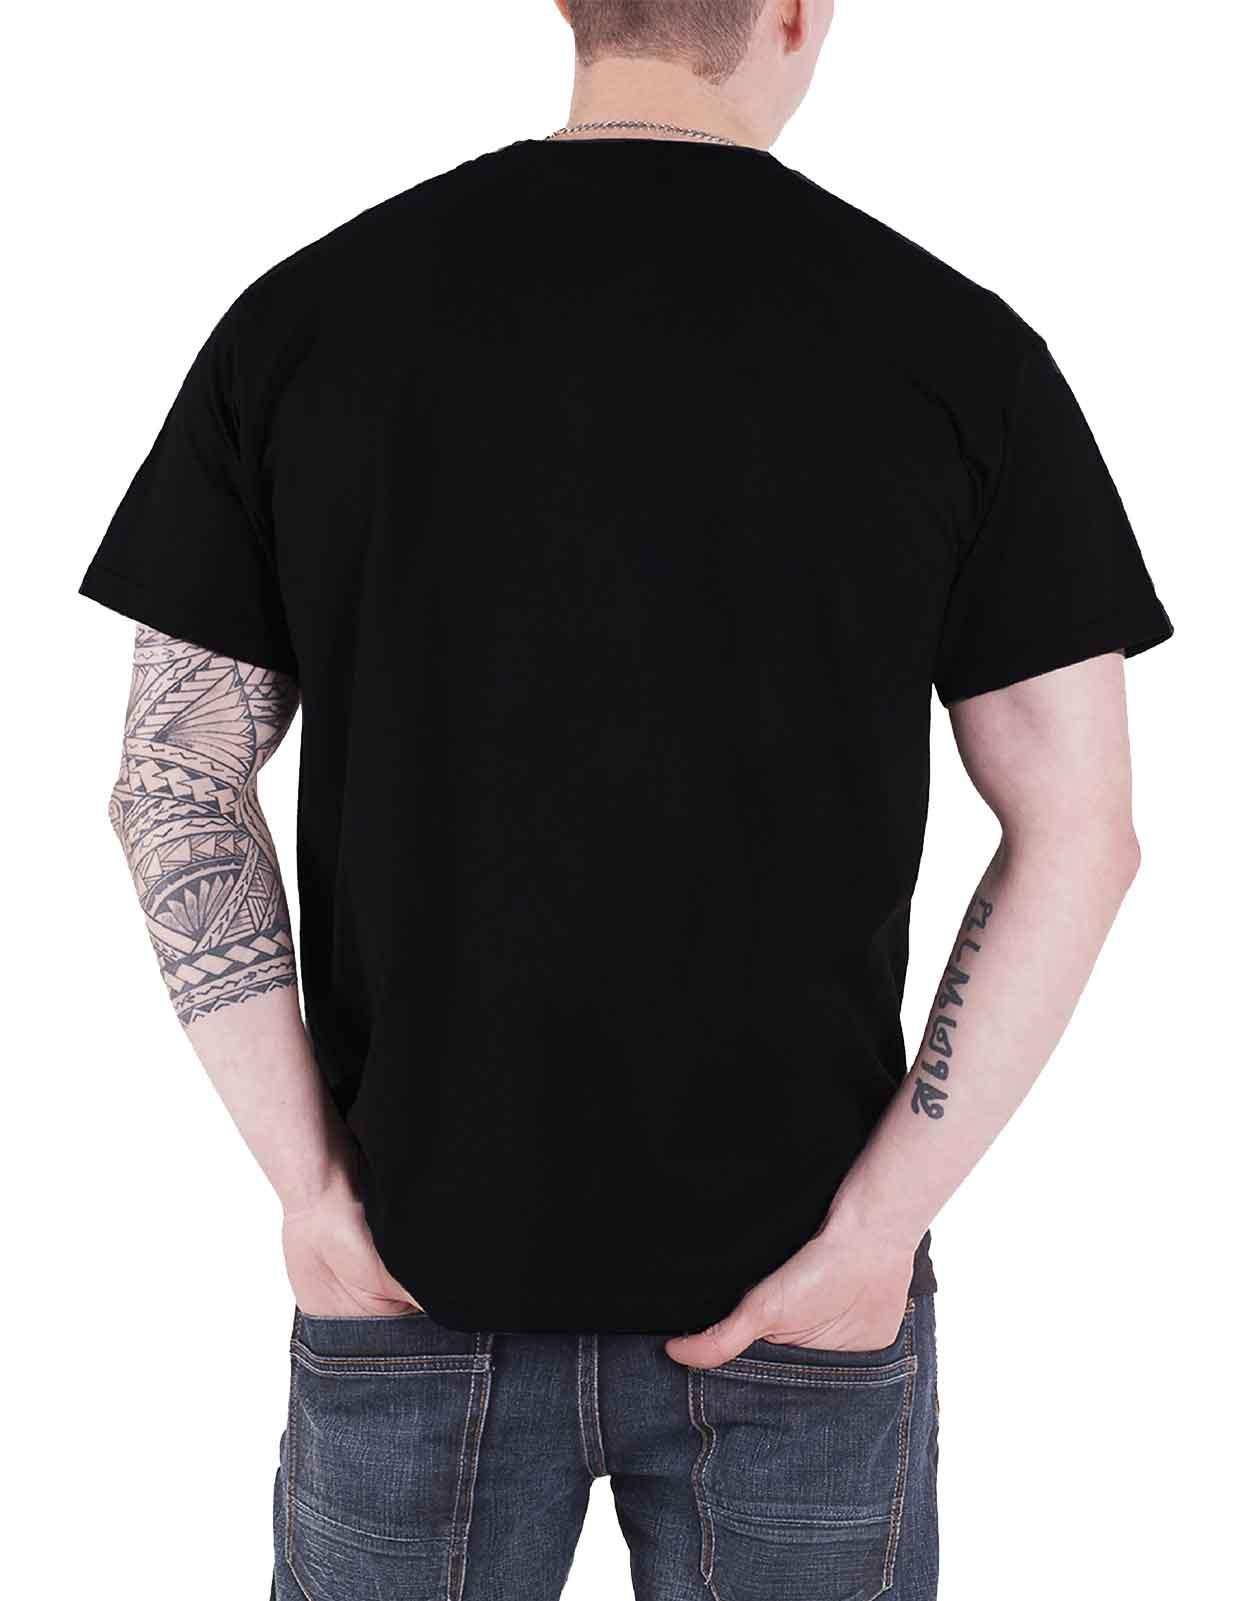 Prueba-oficial-Pantera-T-Shirt-101-pantalla-vulgar-banda-logotipo-Dimebag-Hombre-Nuevo miniatura 5